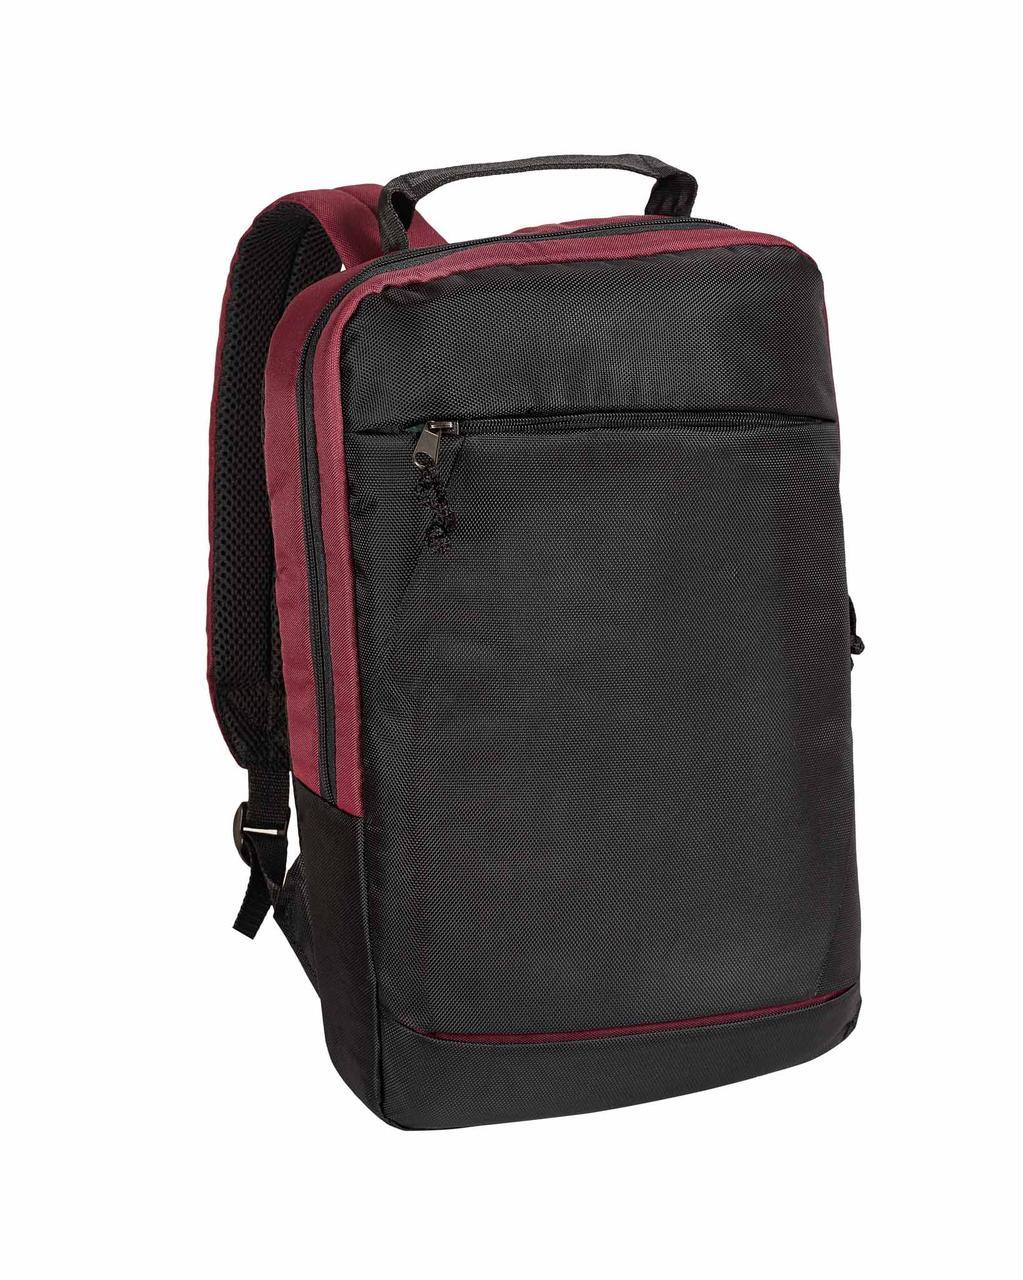 Рюкзак для ноутбука Surikat 18л. 44х30х7.5 см. чорний бордовий діагональ до 15 дюймів поліестр